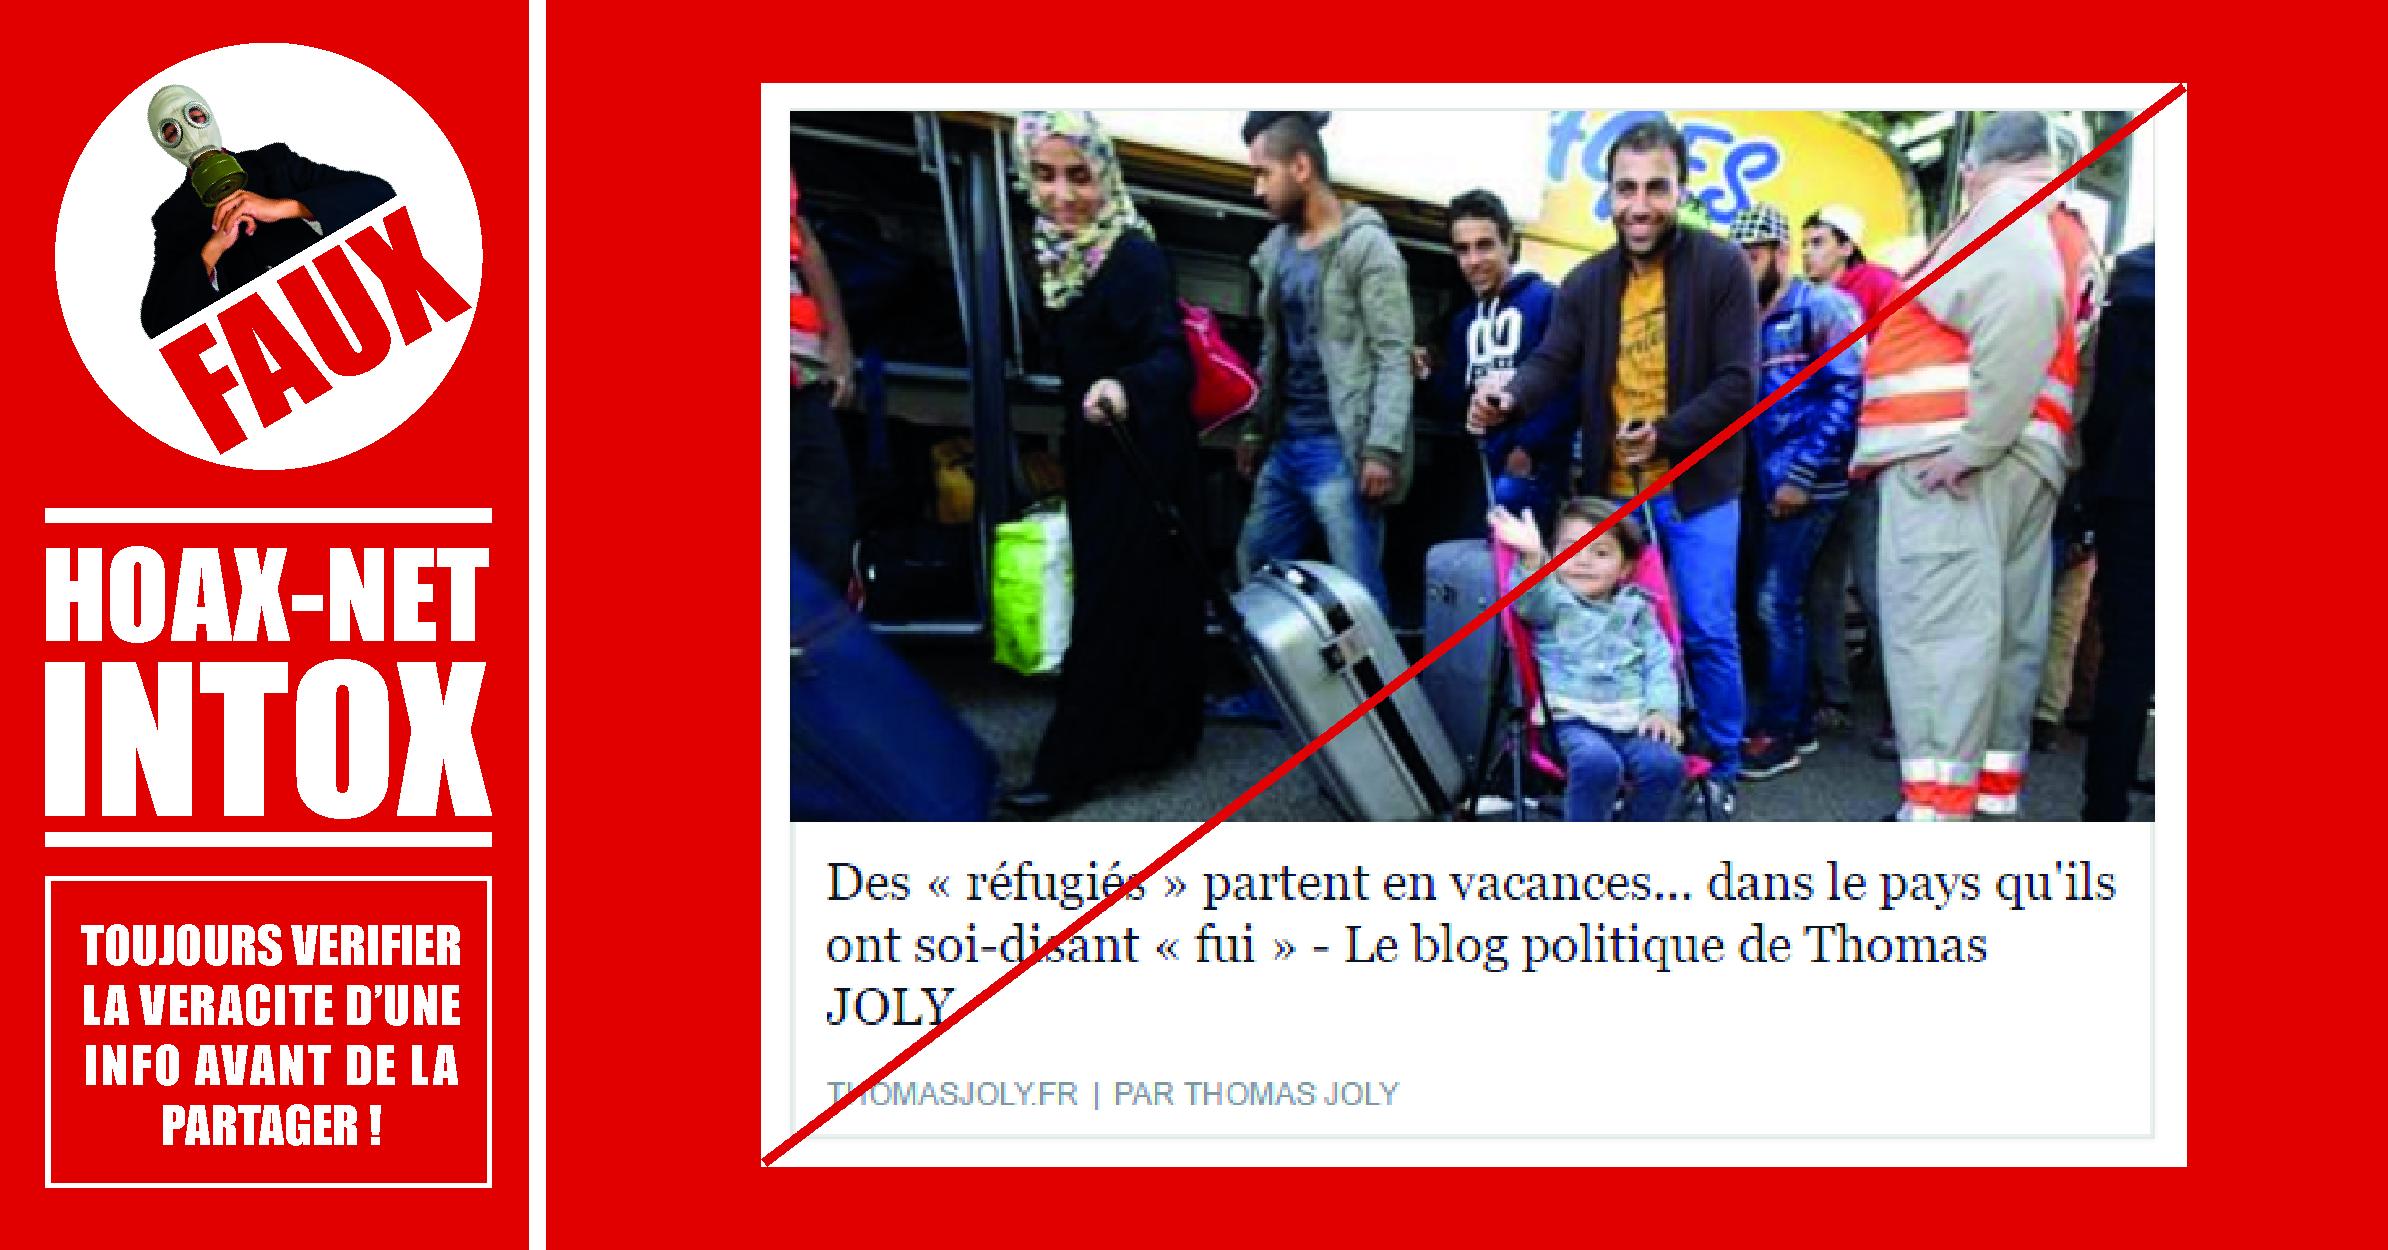 Non, les réfugiés ne partent pas en vacances dans leur pays.